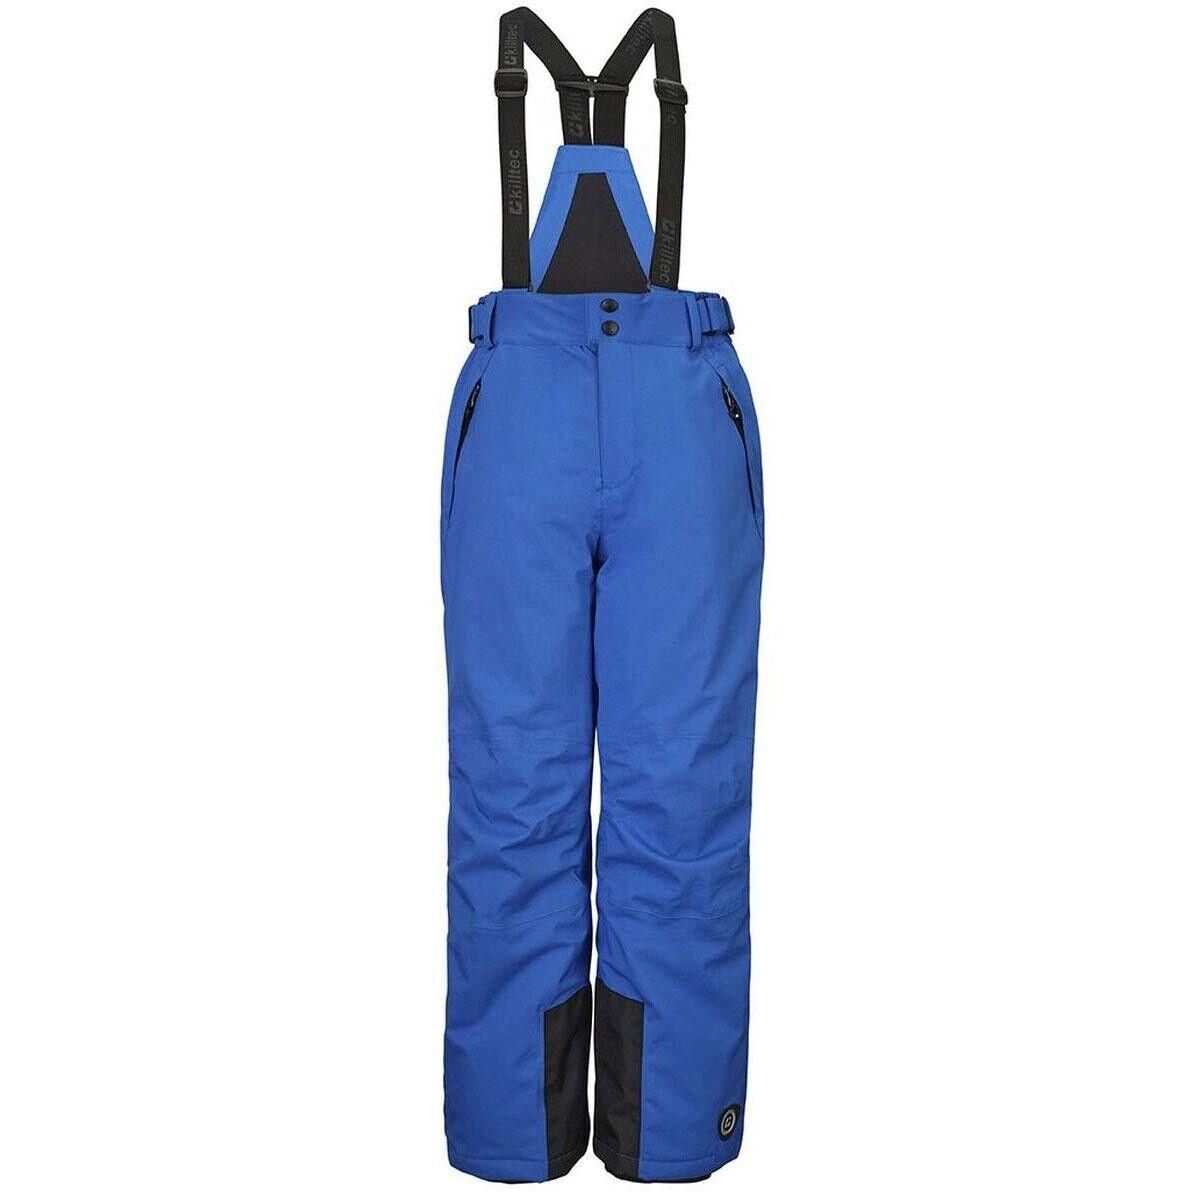 Killtec Gauror Junior Kinder Skihose blau